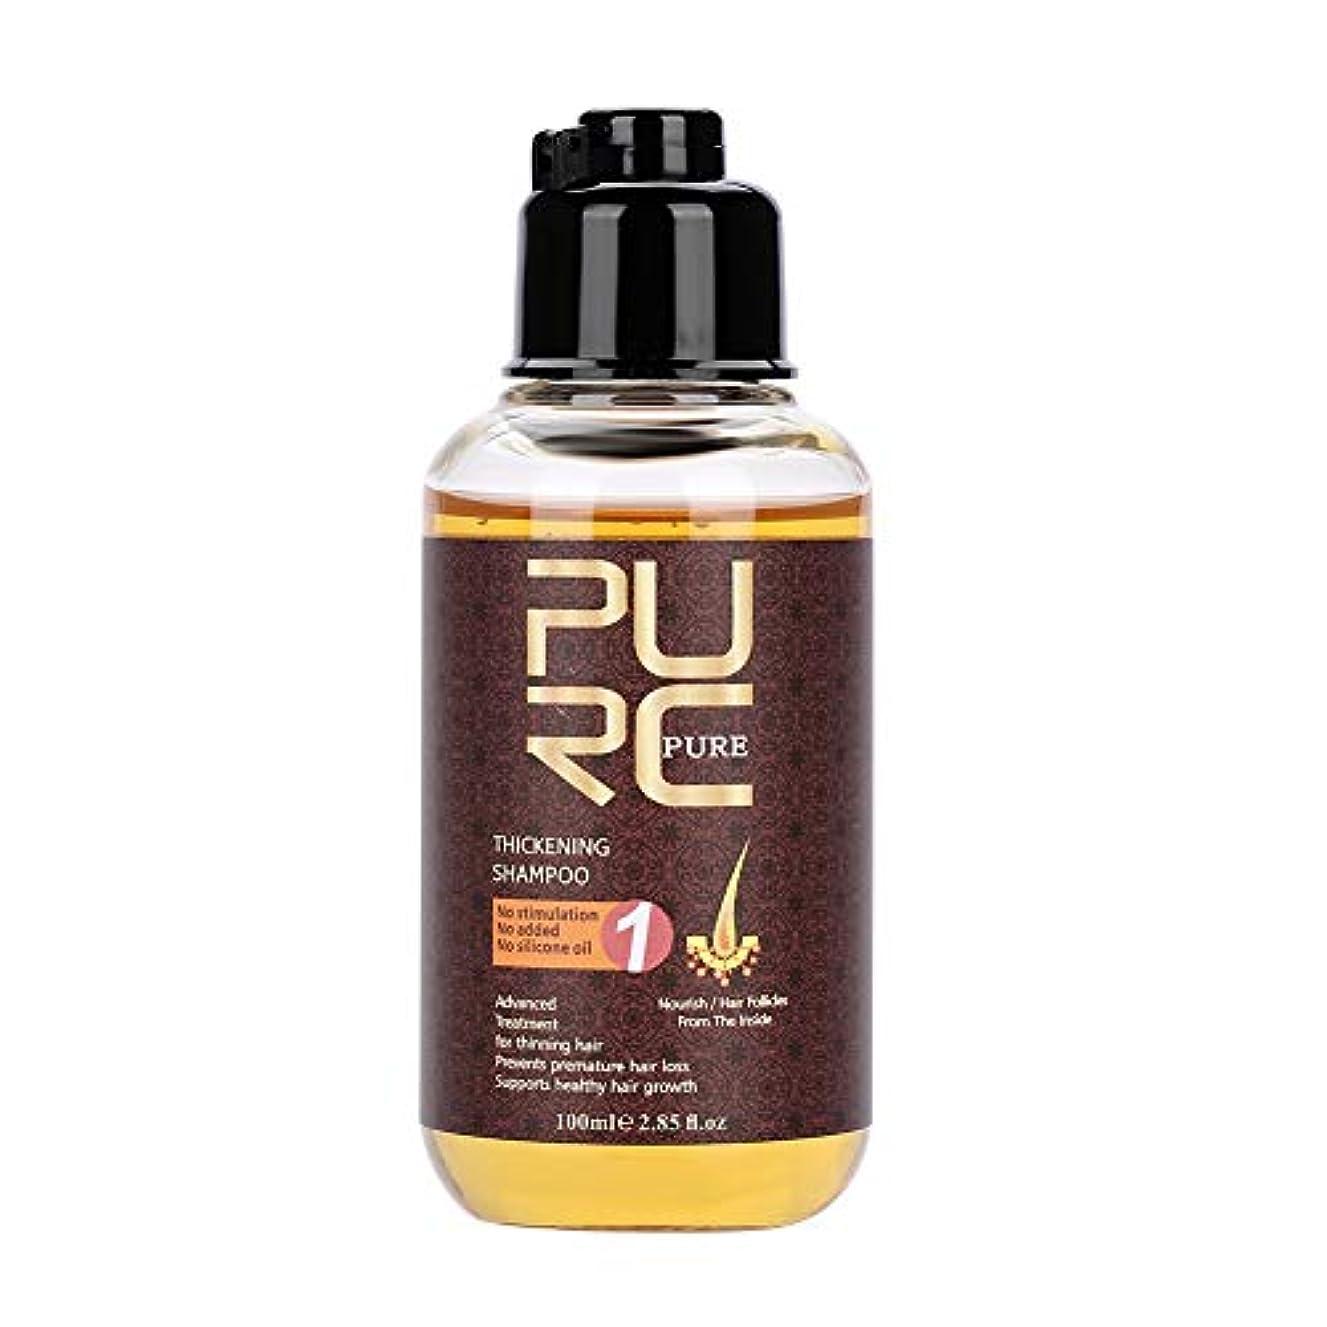 起きている温度ピック育毛促進剤100ミリリットルプロのヘアケア肥厚シャンプー育毛促進毛損失促進剤